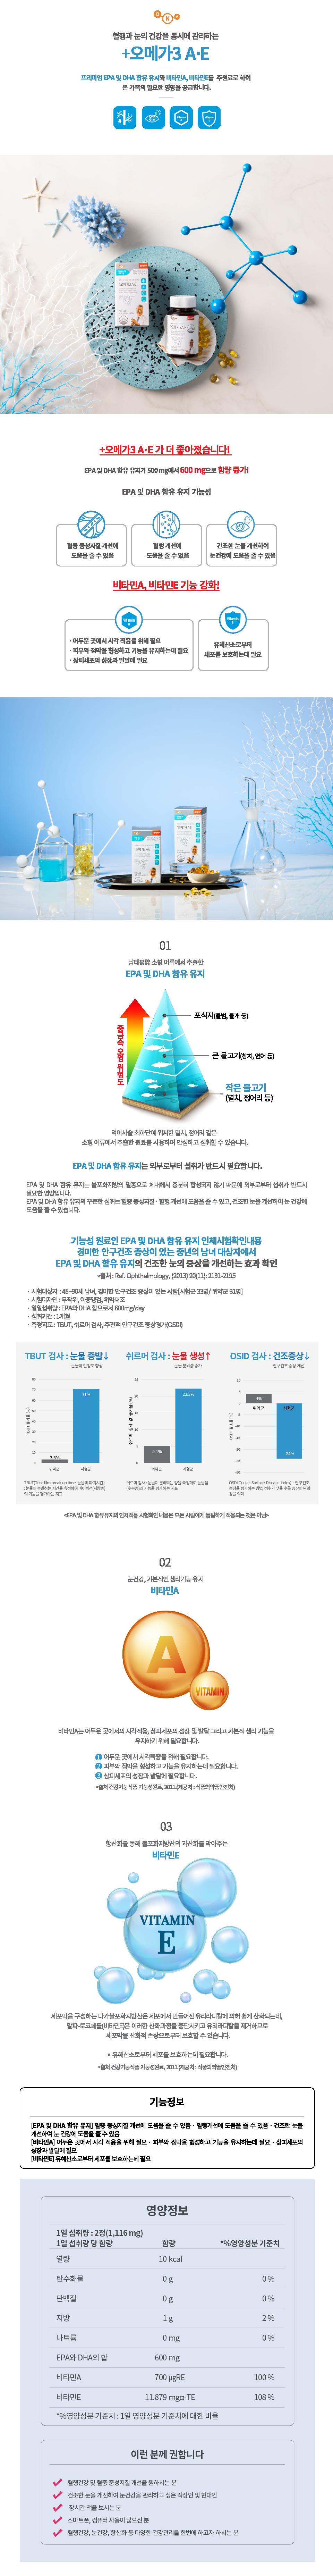 12_%EC%9D%B4%EB%A1%AC%ED%94%8C%EB%9F%AC%EC%8A%A4%20%EC%98%A4%EB%A9%94%EA%B0%803%20AE_01.png